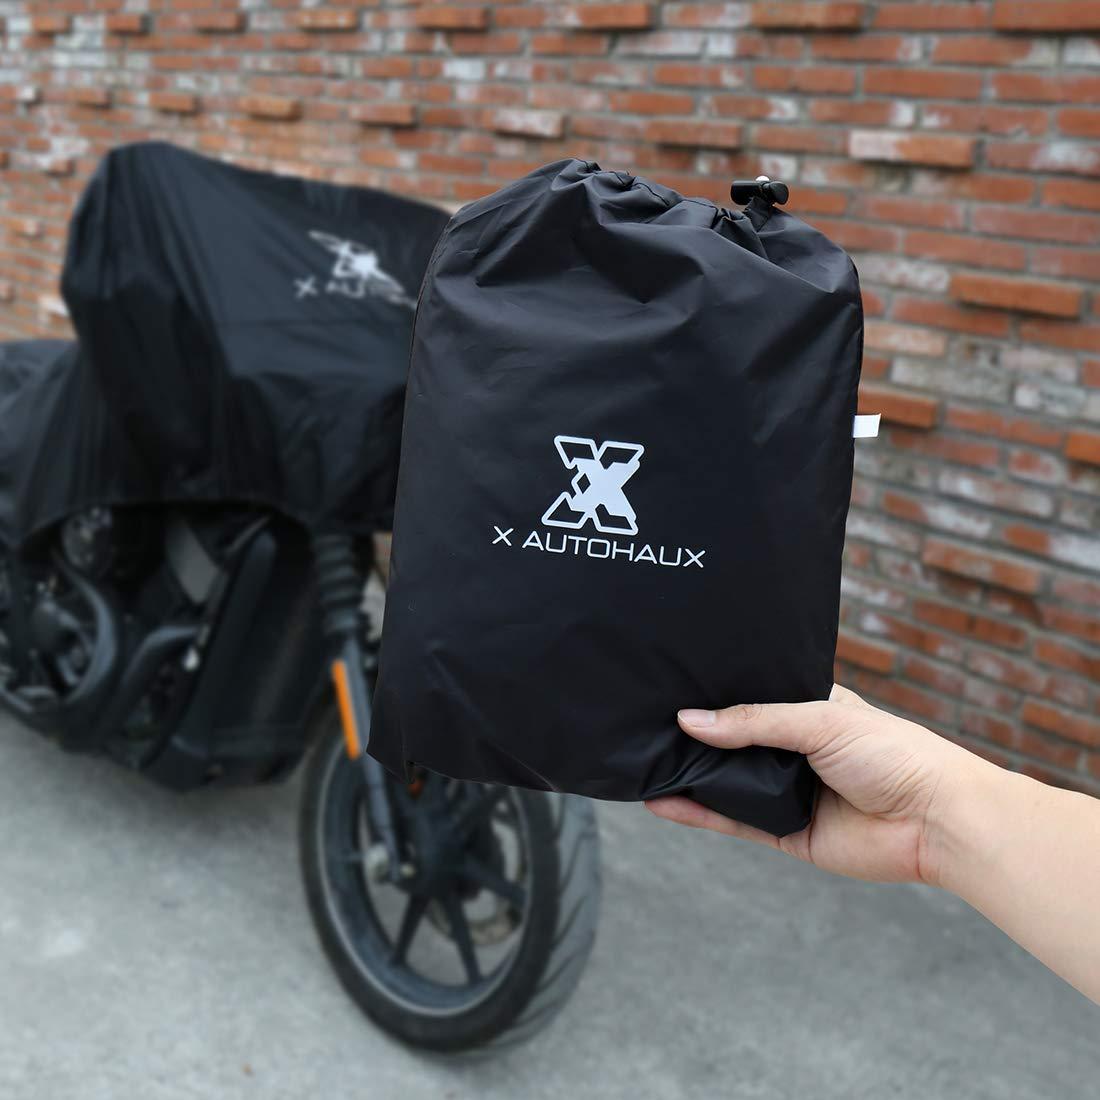 Motorradabdeckung sourcing map Motorrad Abdeckplane Halbe Abdeckung Draussen Wasserdicht Regen Staub UV Schutz Motorradgarage XL,schwarz